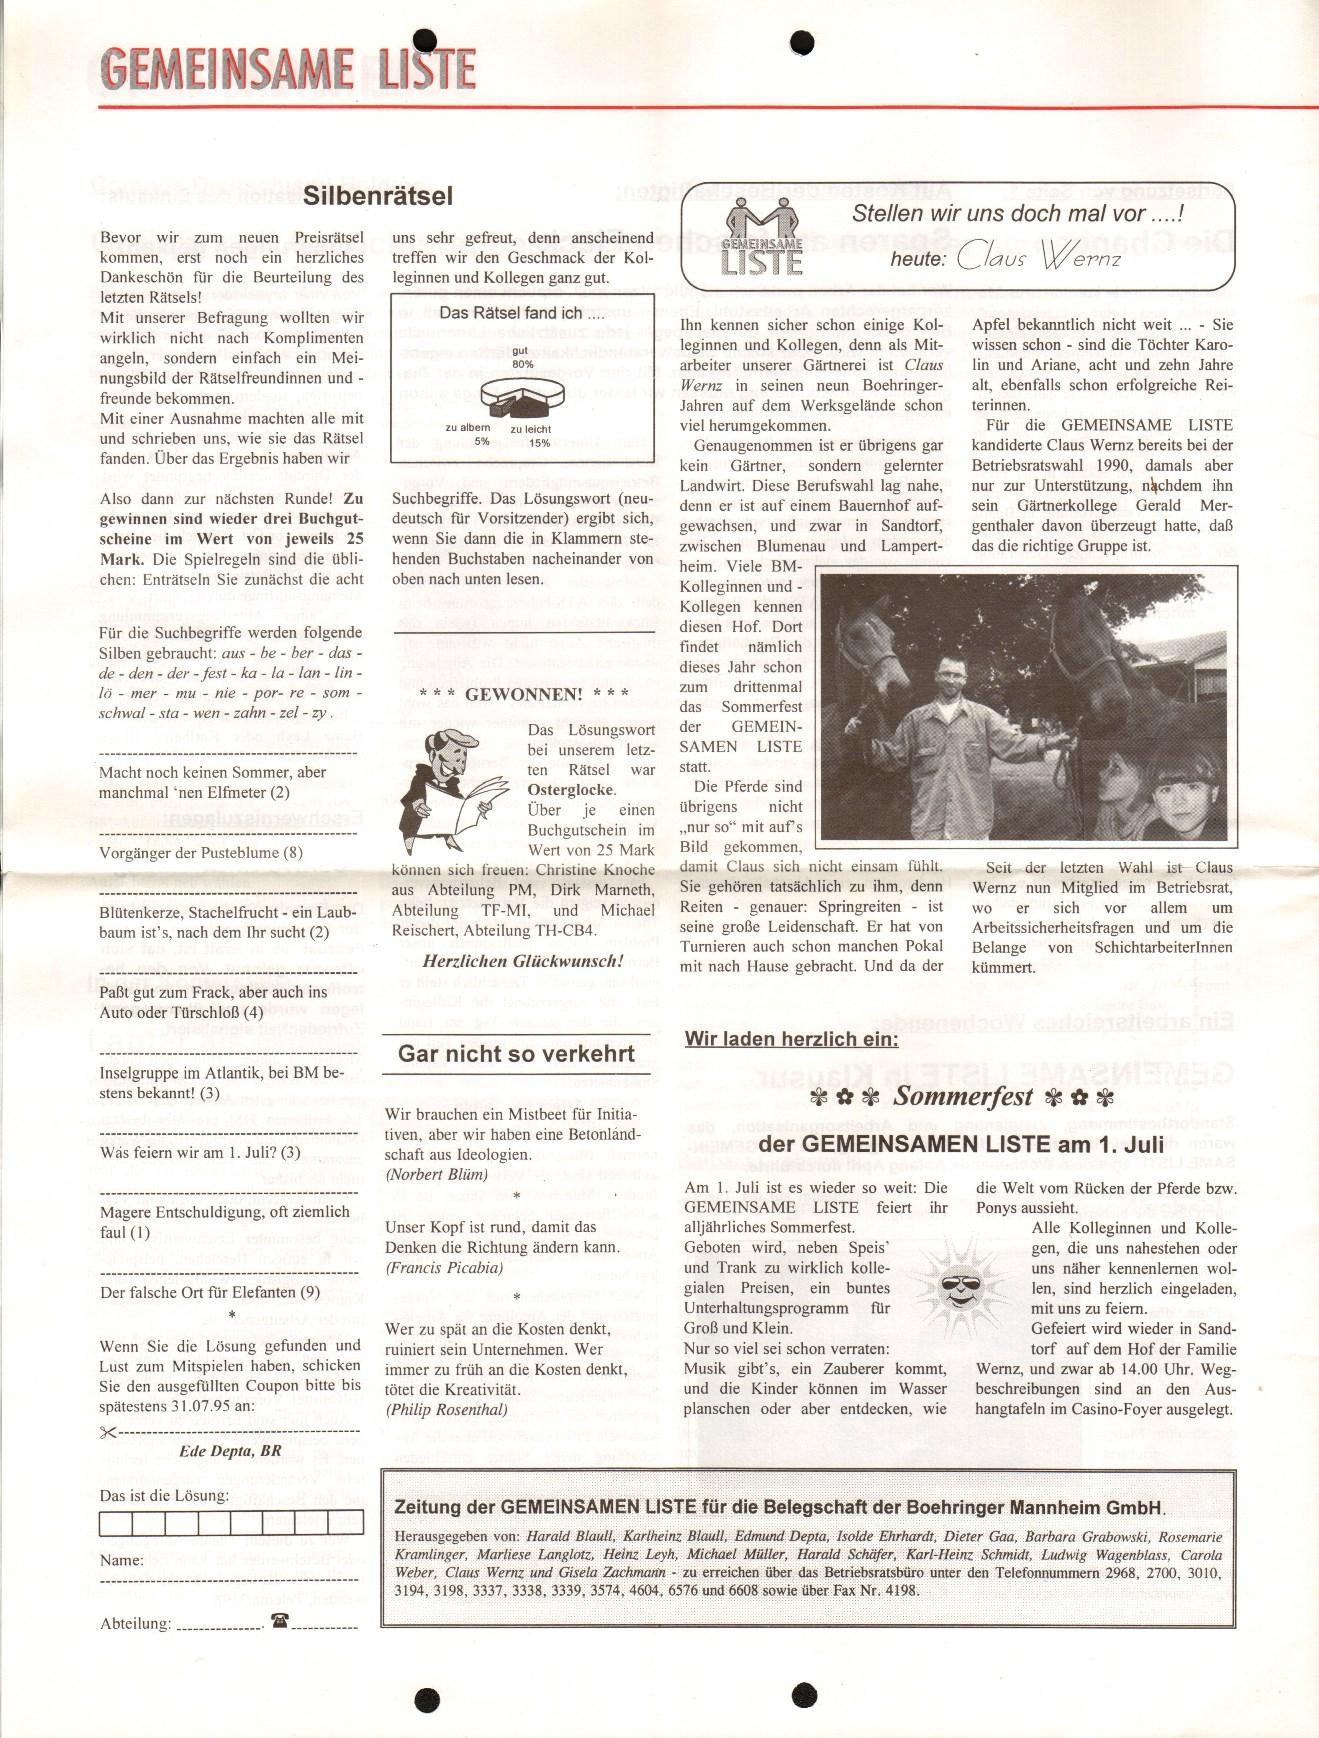 Mannheim_Boehringer_Gemeinsame_Liste_1995_02_04